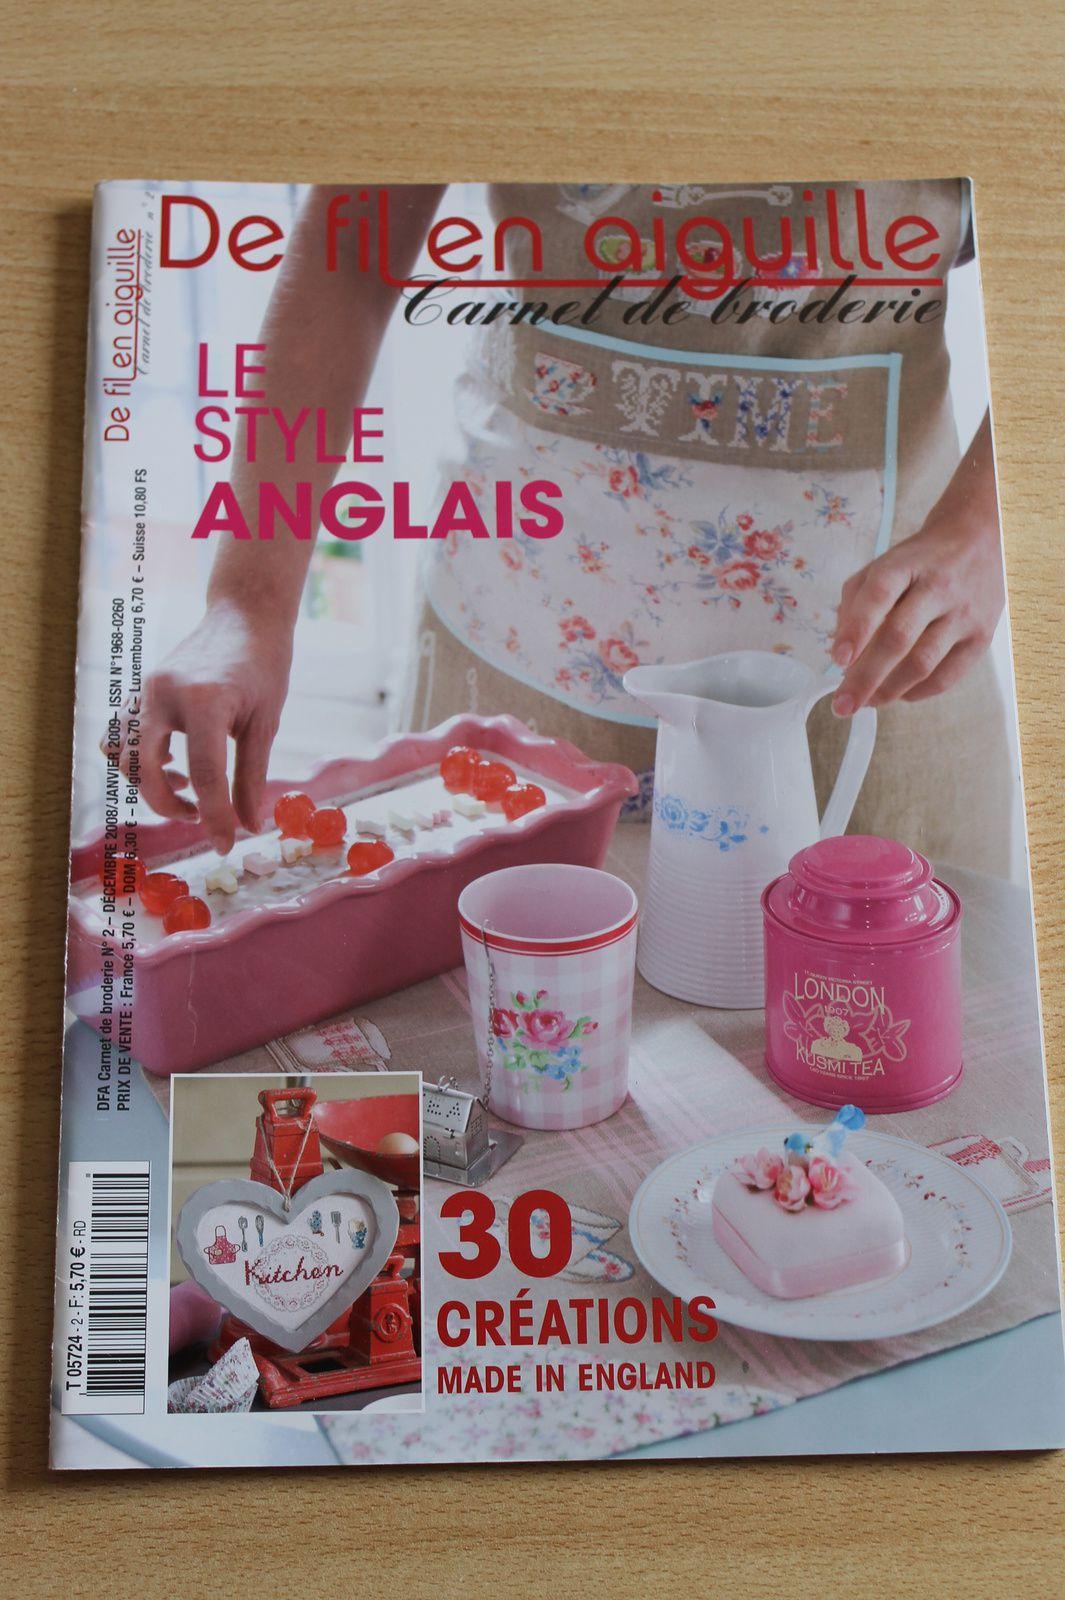 """De fil en aiguille spécial """"Carnet de broderie n°2 décembre 2008/janvier 2009"""